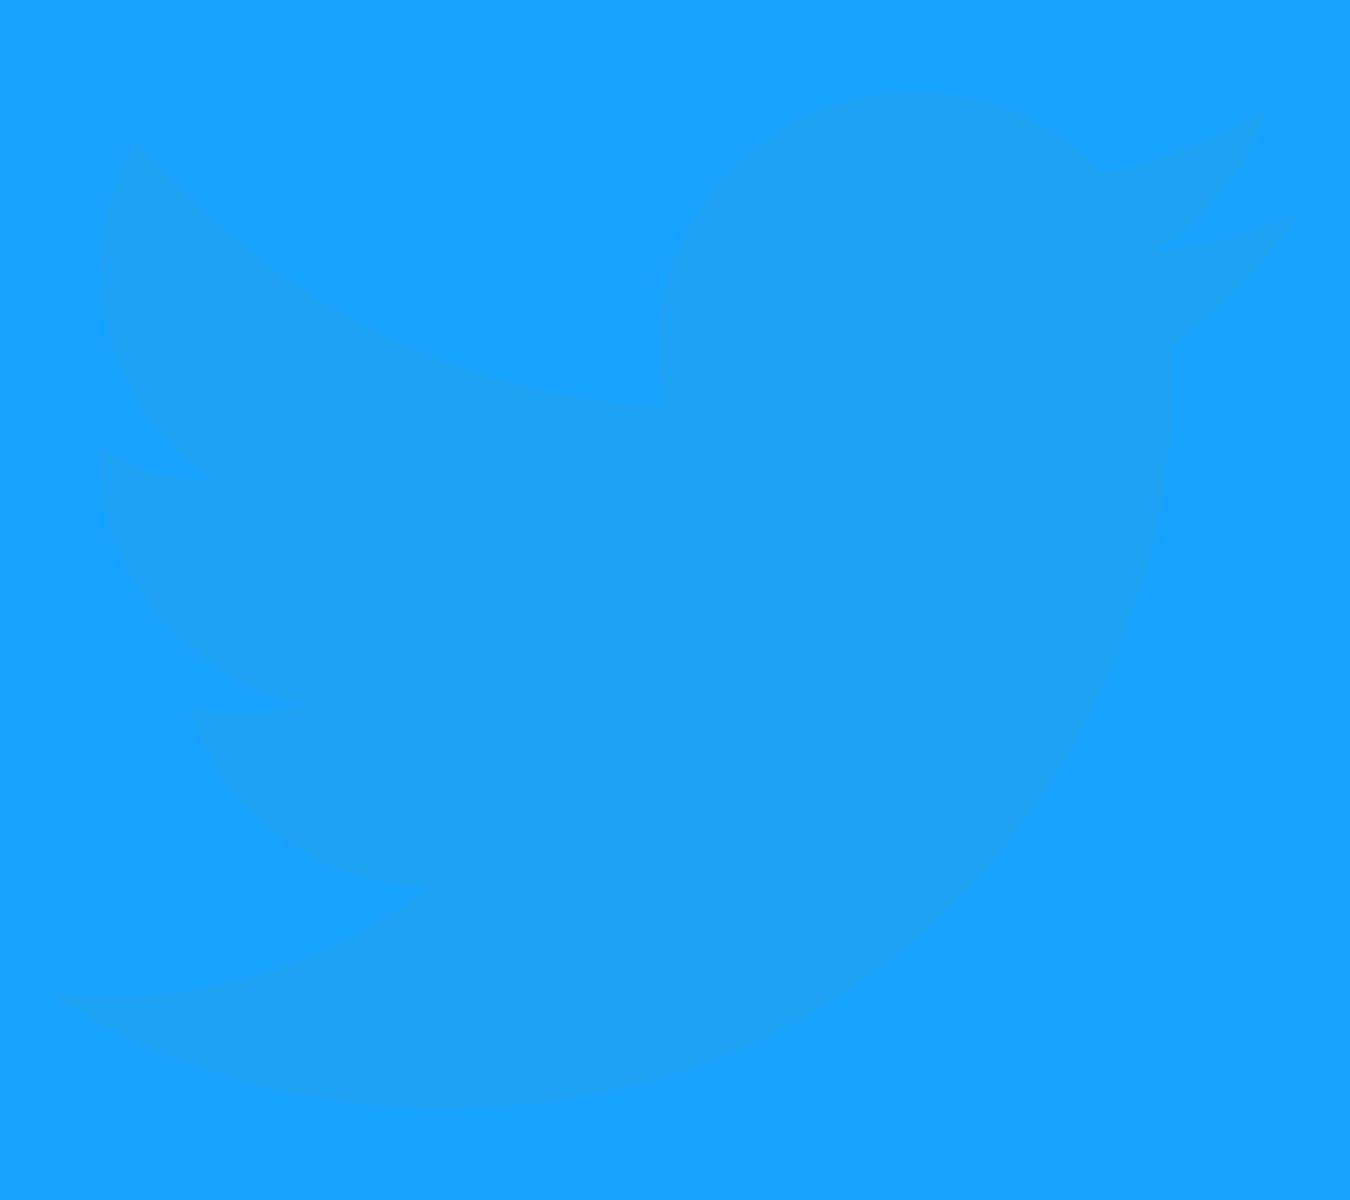 Twitter Marketing Agency London